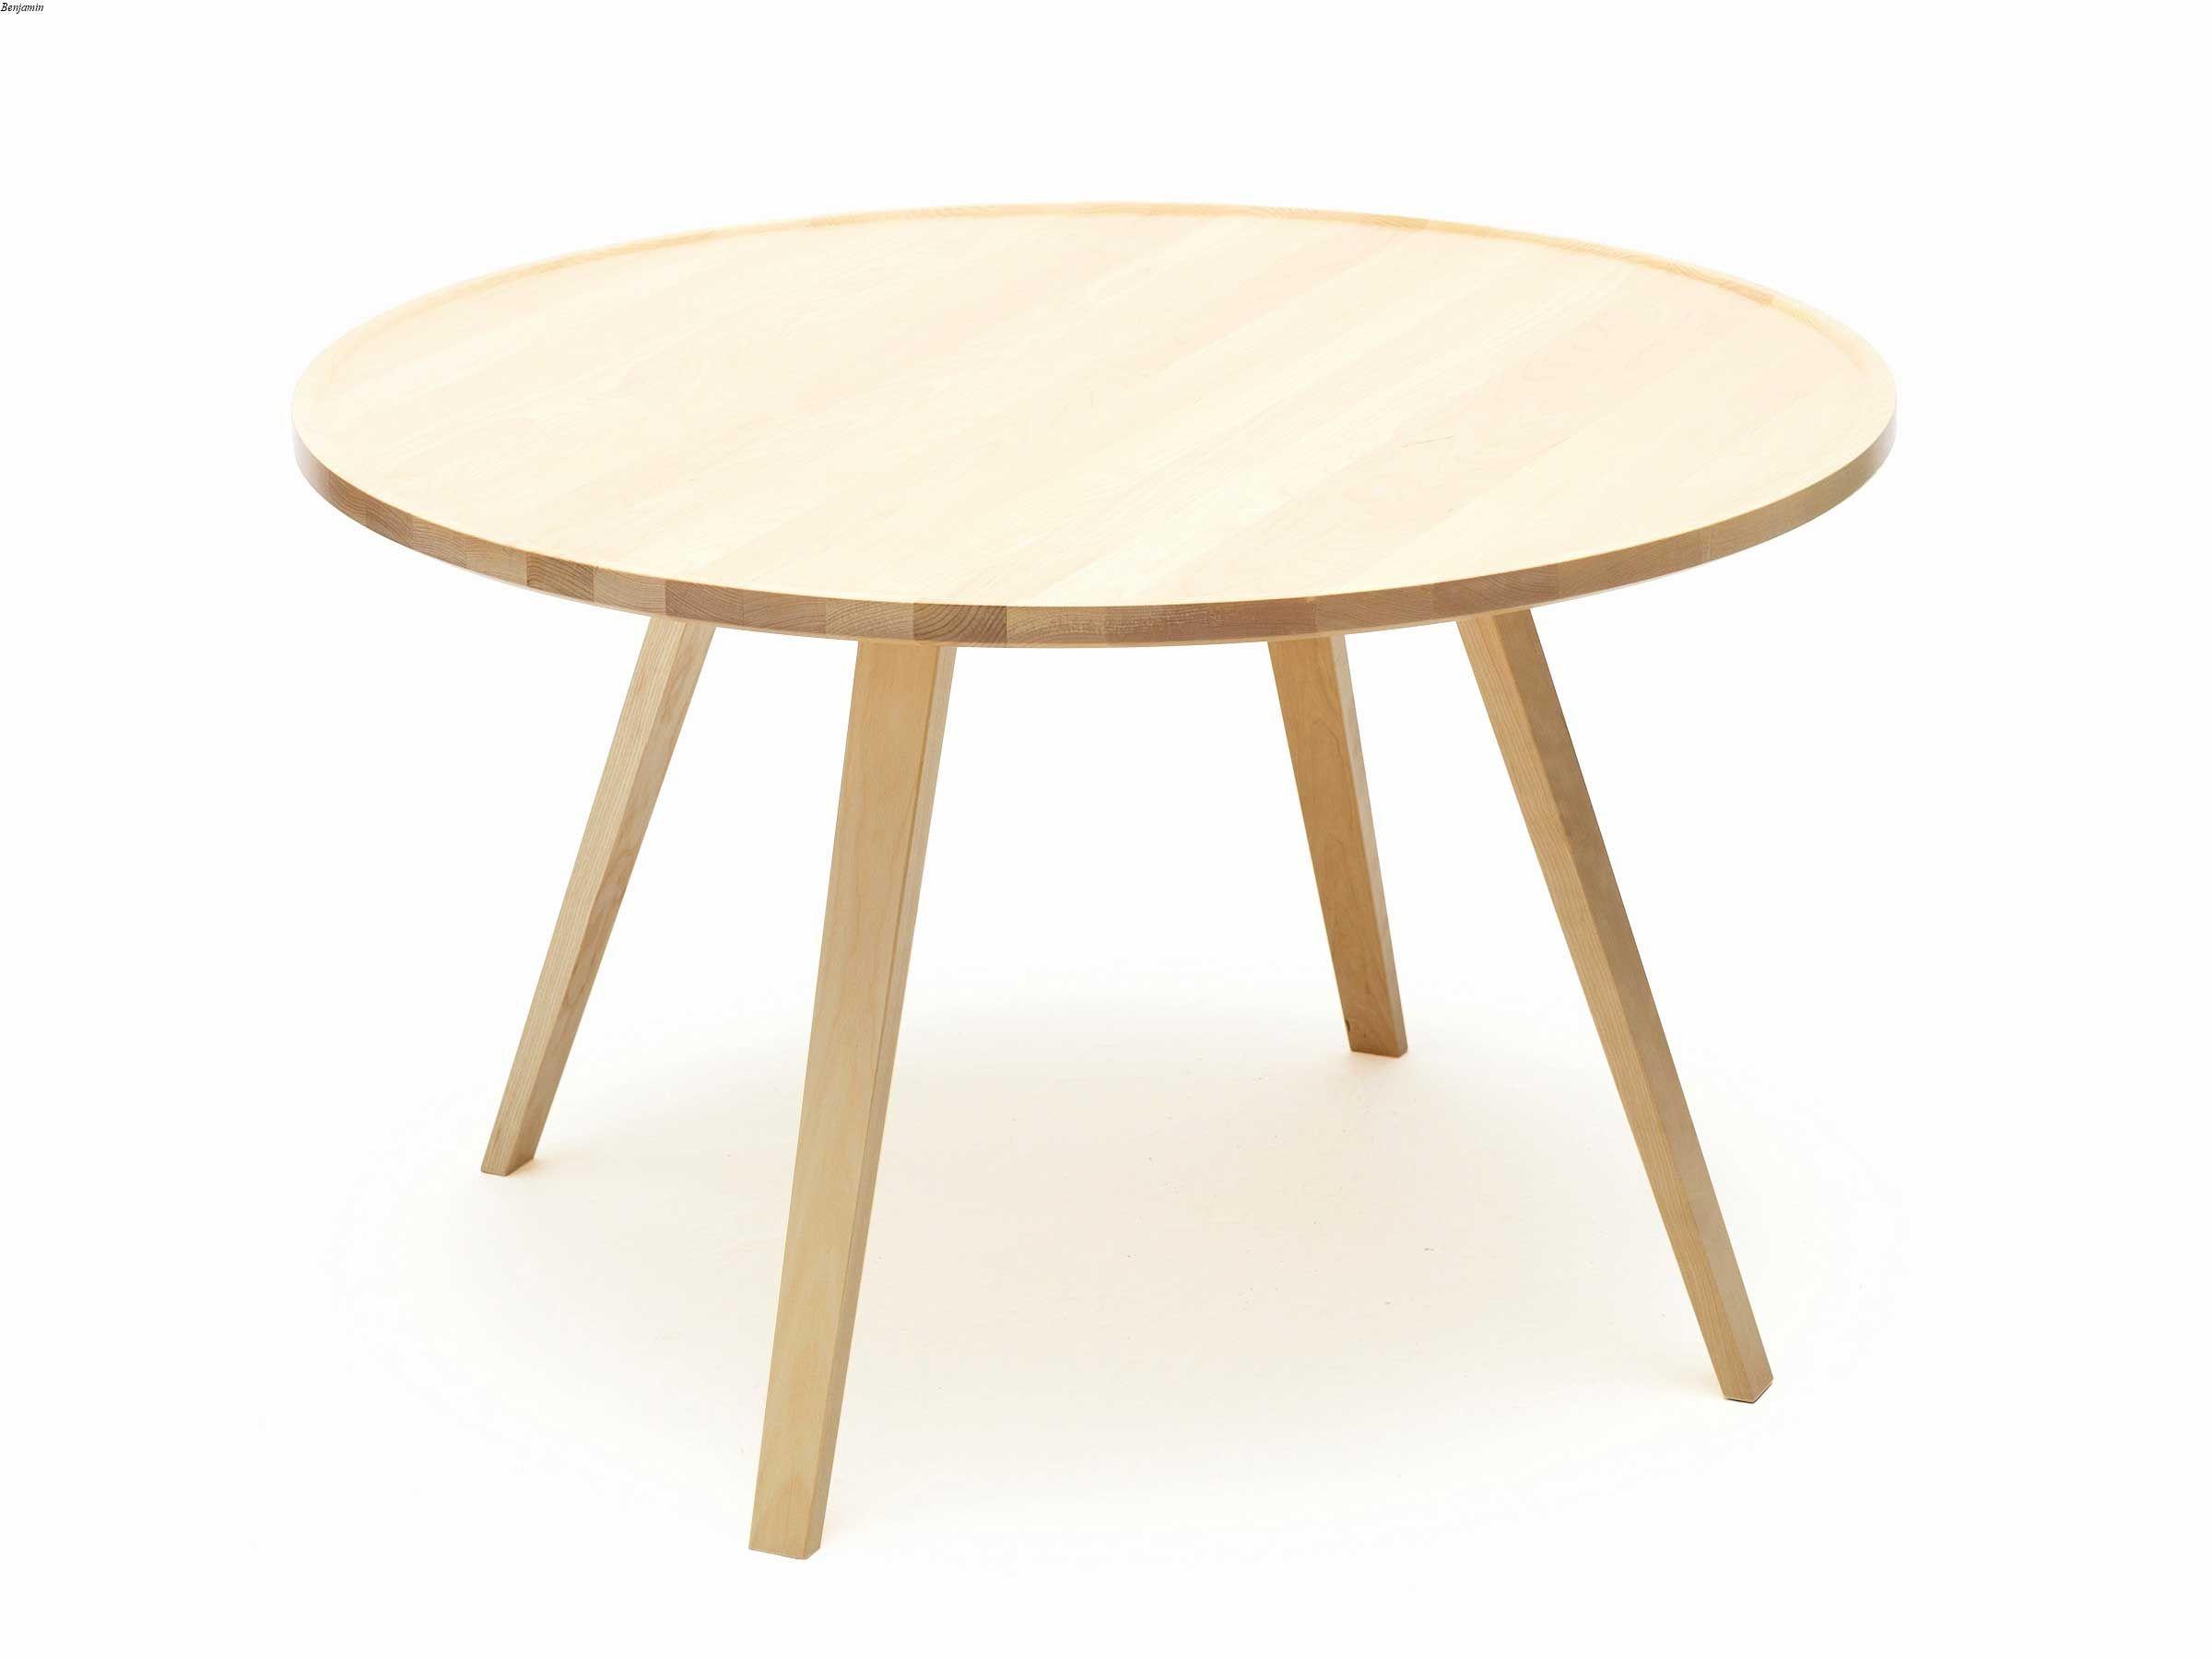 Petite Table En Bois Inspirant Table Bois Ronde Table Ronde Bois